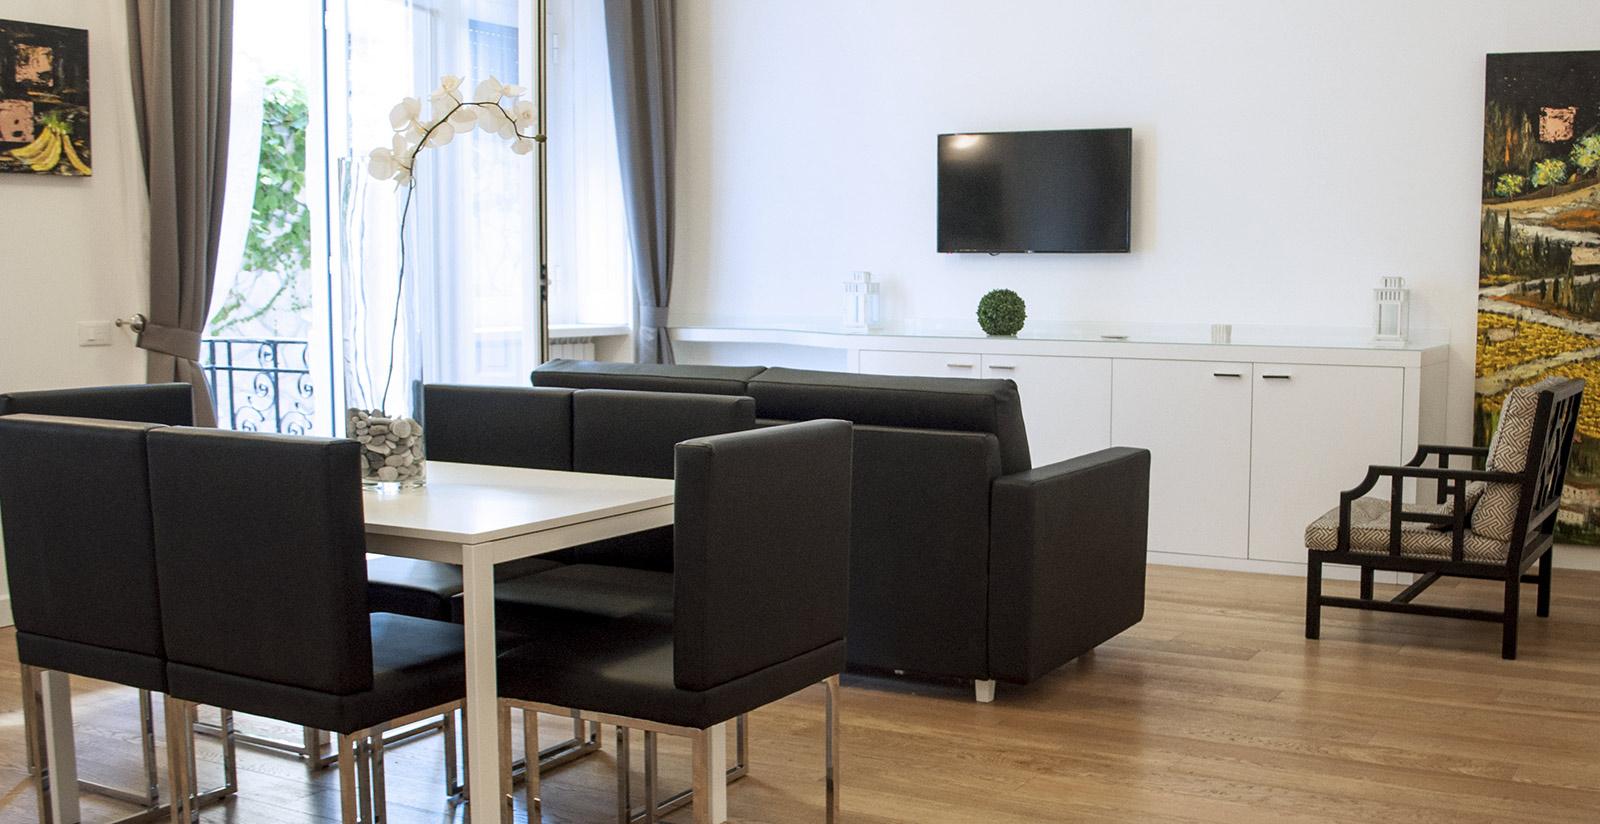 Lhp suites napoli appartamenti vacanze napoli for Appartamenti napoli